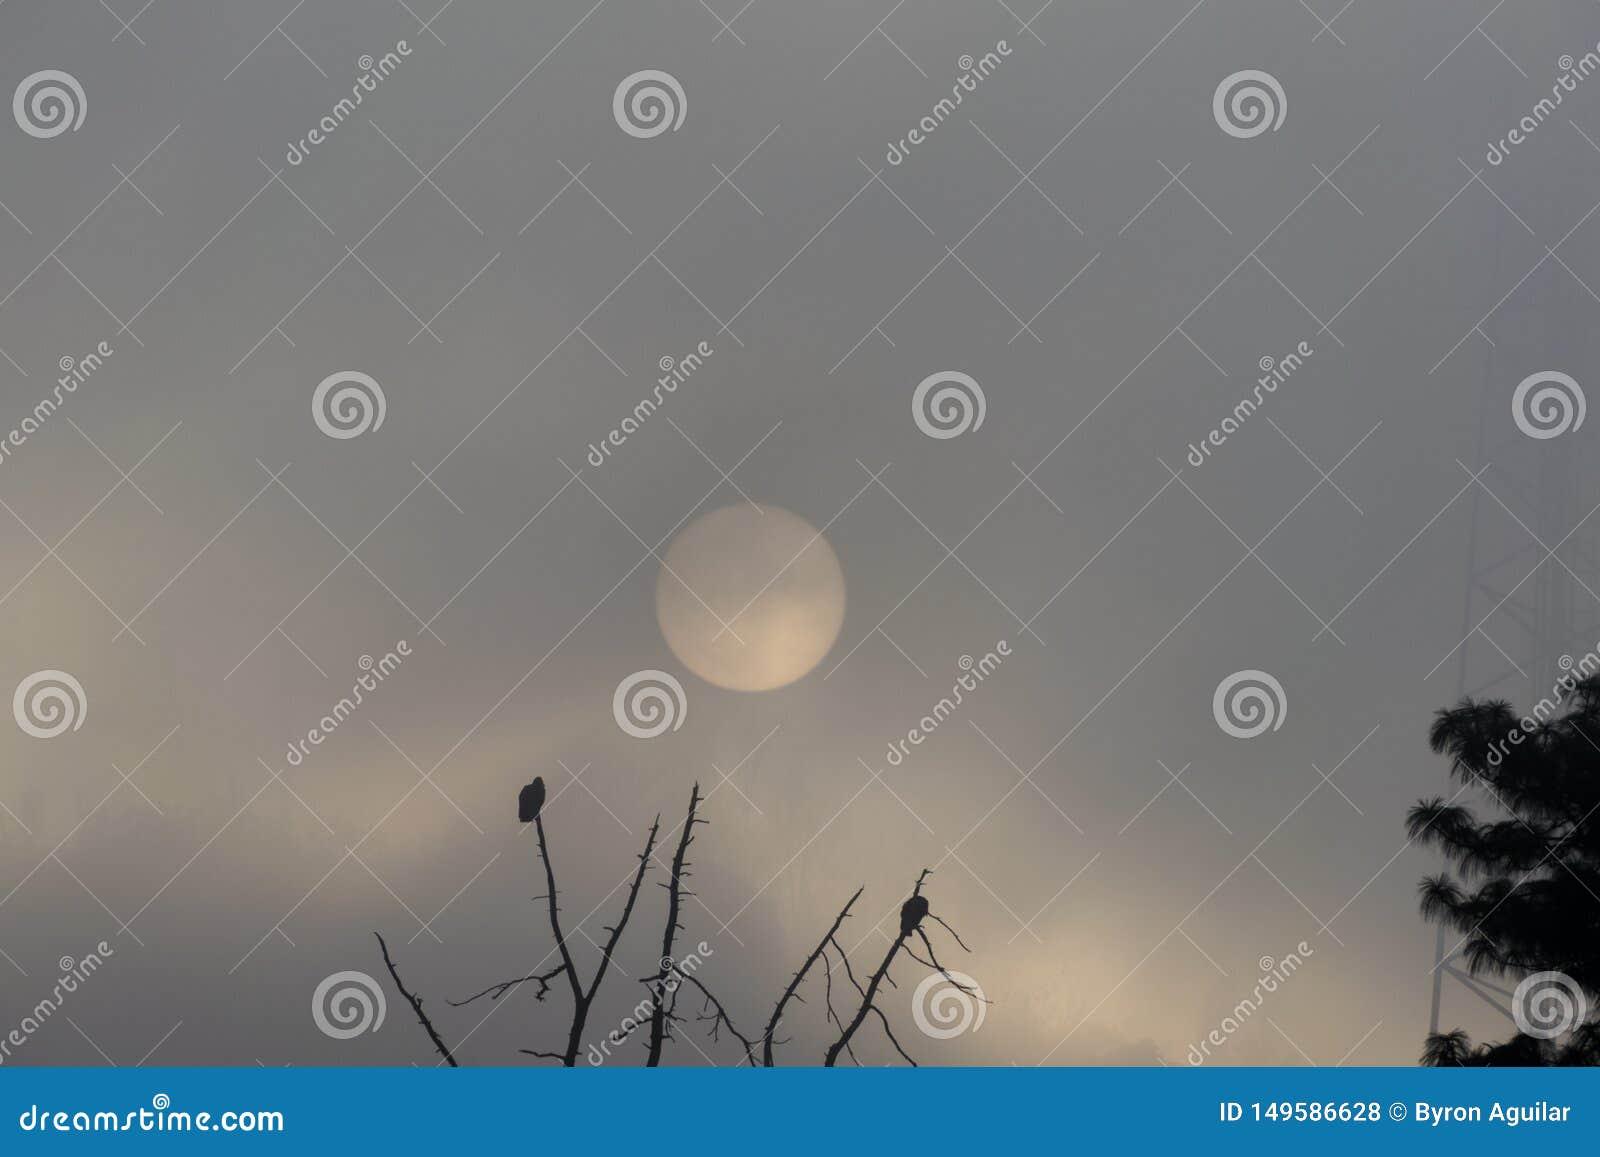 Wsch?d s?o?ca w Gwatemala, drzewo z myszo?owami zdejmuje lot S?o?ce w mgle